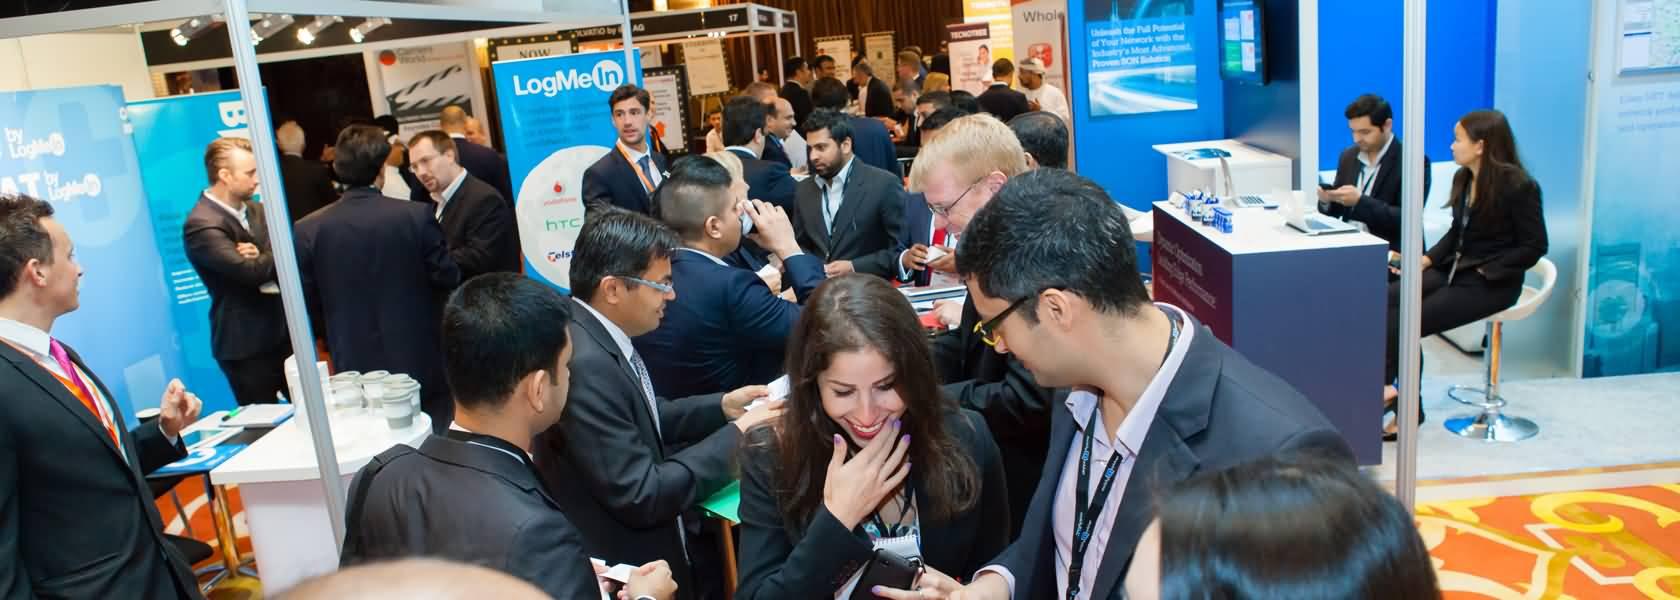 معرض عالم الاتصالات في الشرق الأوسط 2015